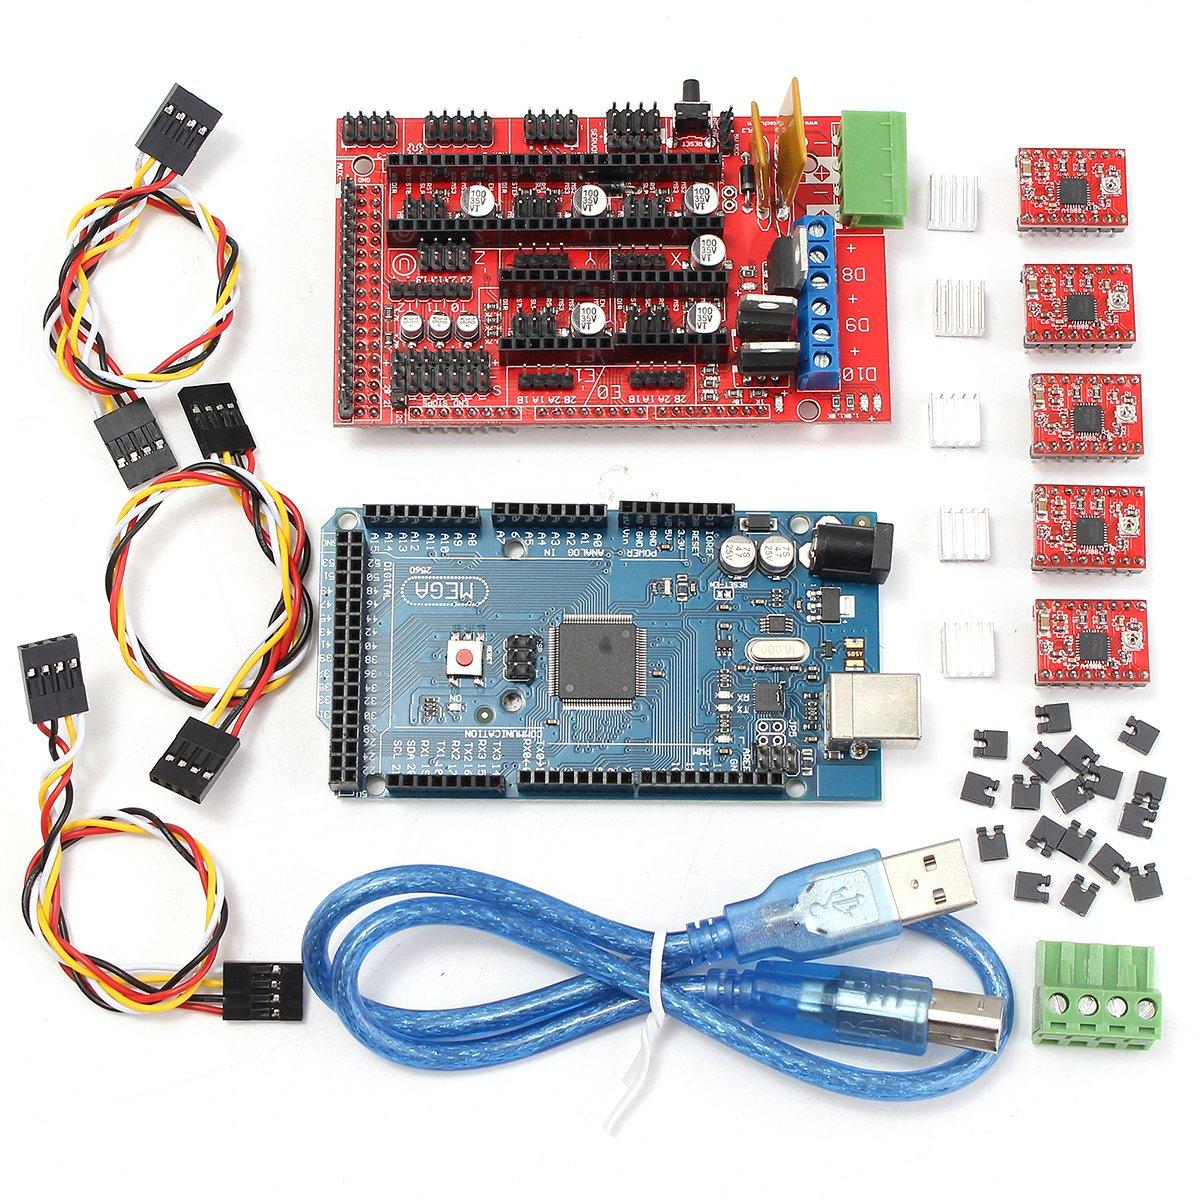 Ils - Ramps 1.4 + Mega2560 + 5xA4988 Controlador Kit de Impresora ...